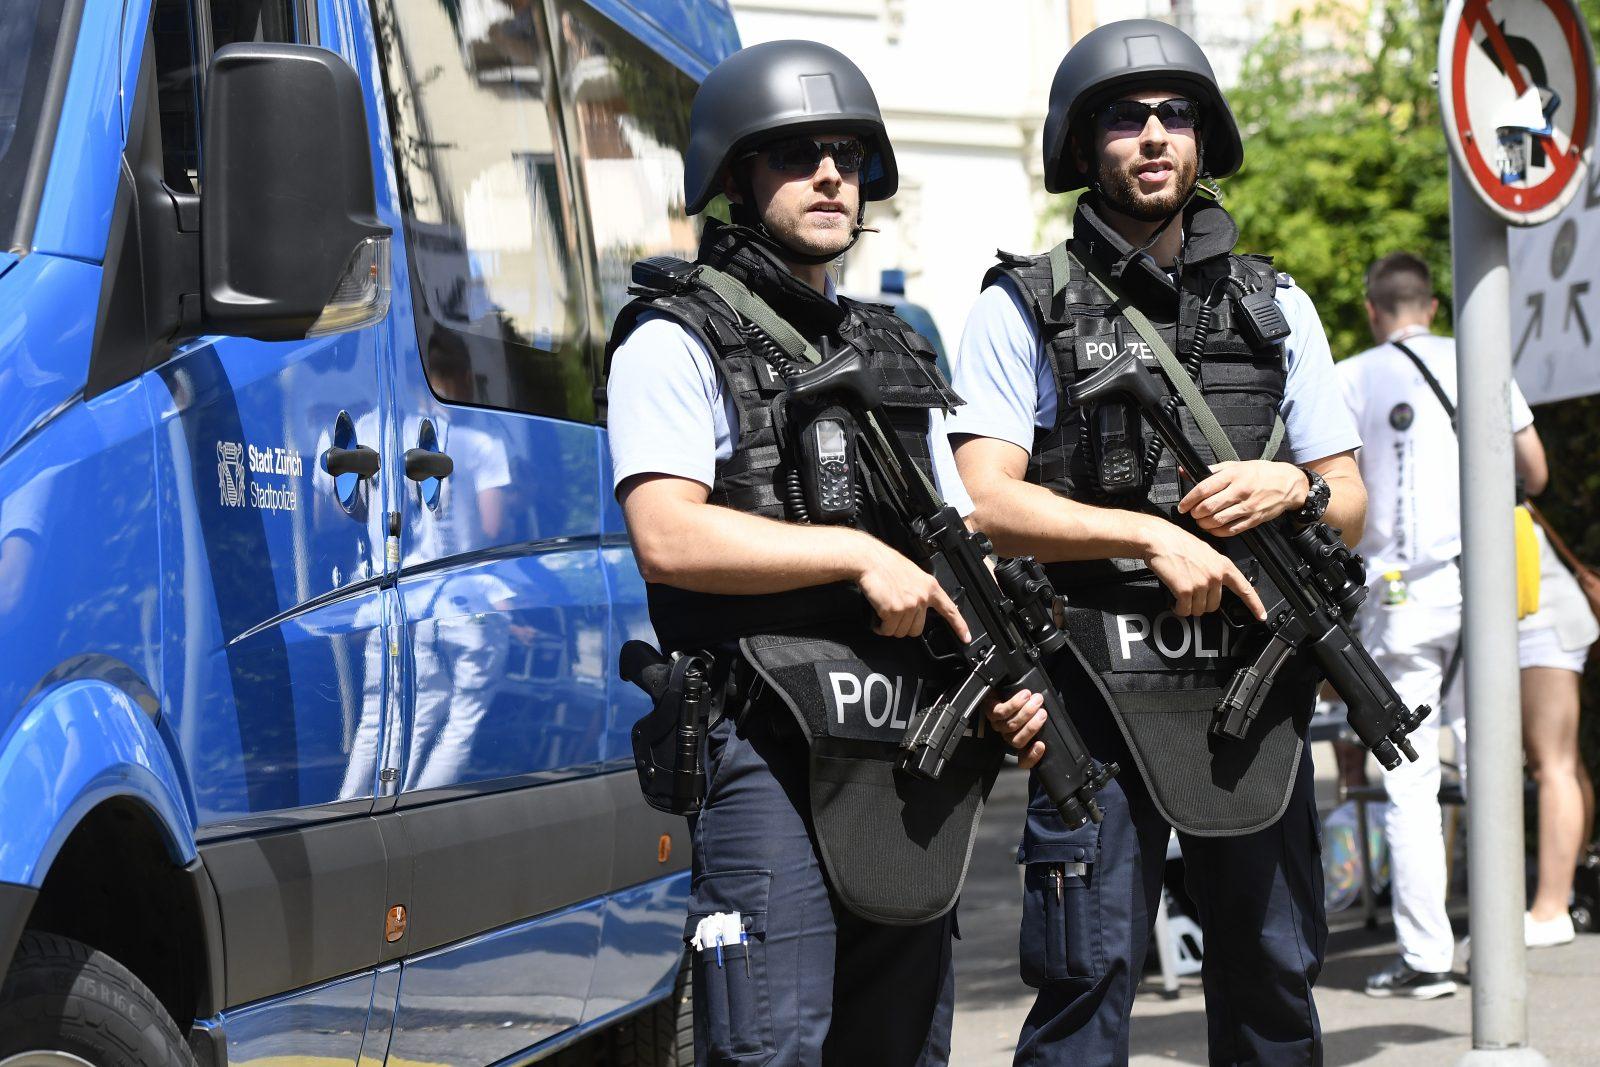 Polizei Zürich